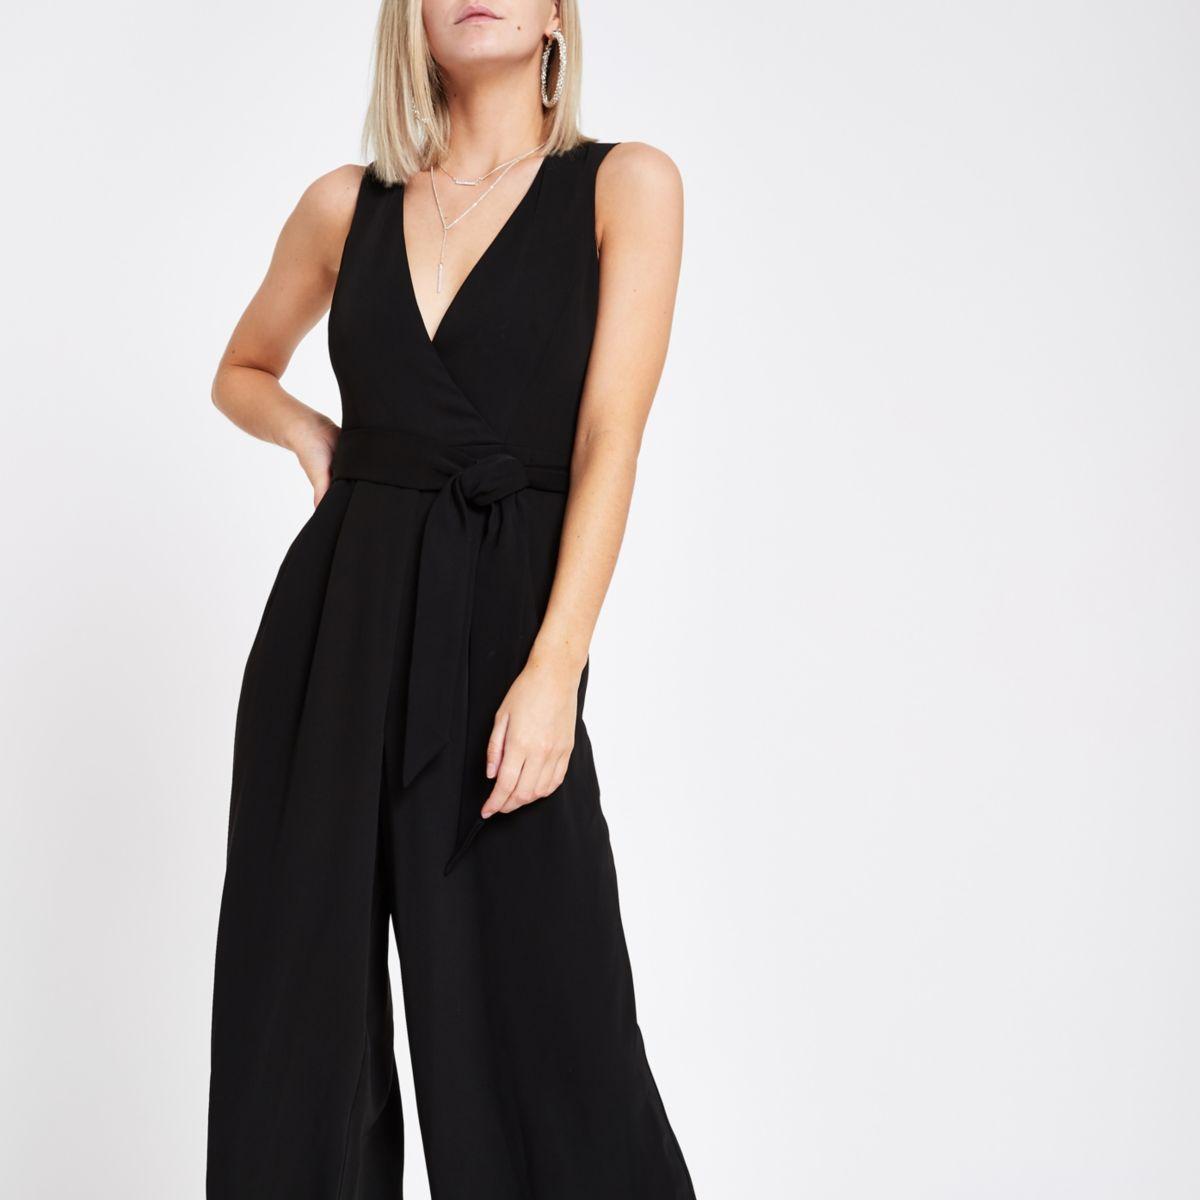 Petite Black wide leg sleeveless jumpsuit